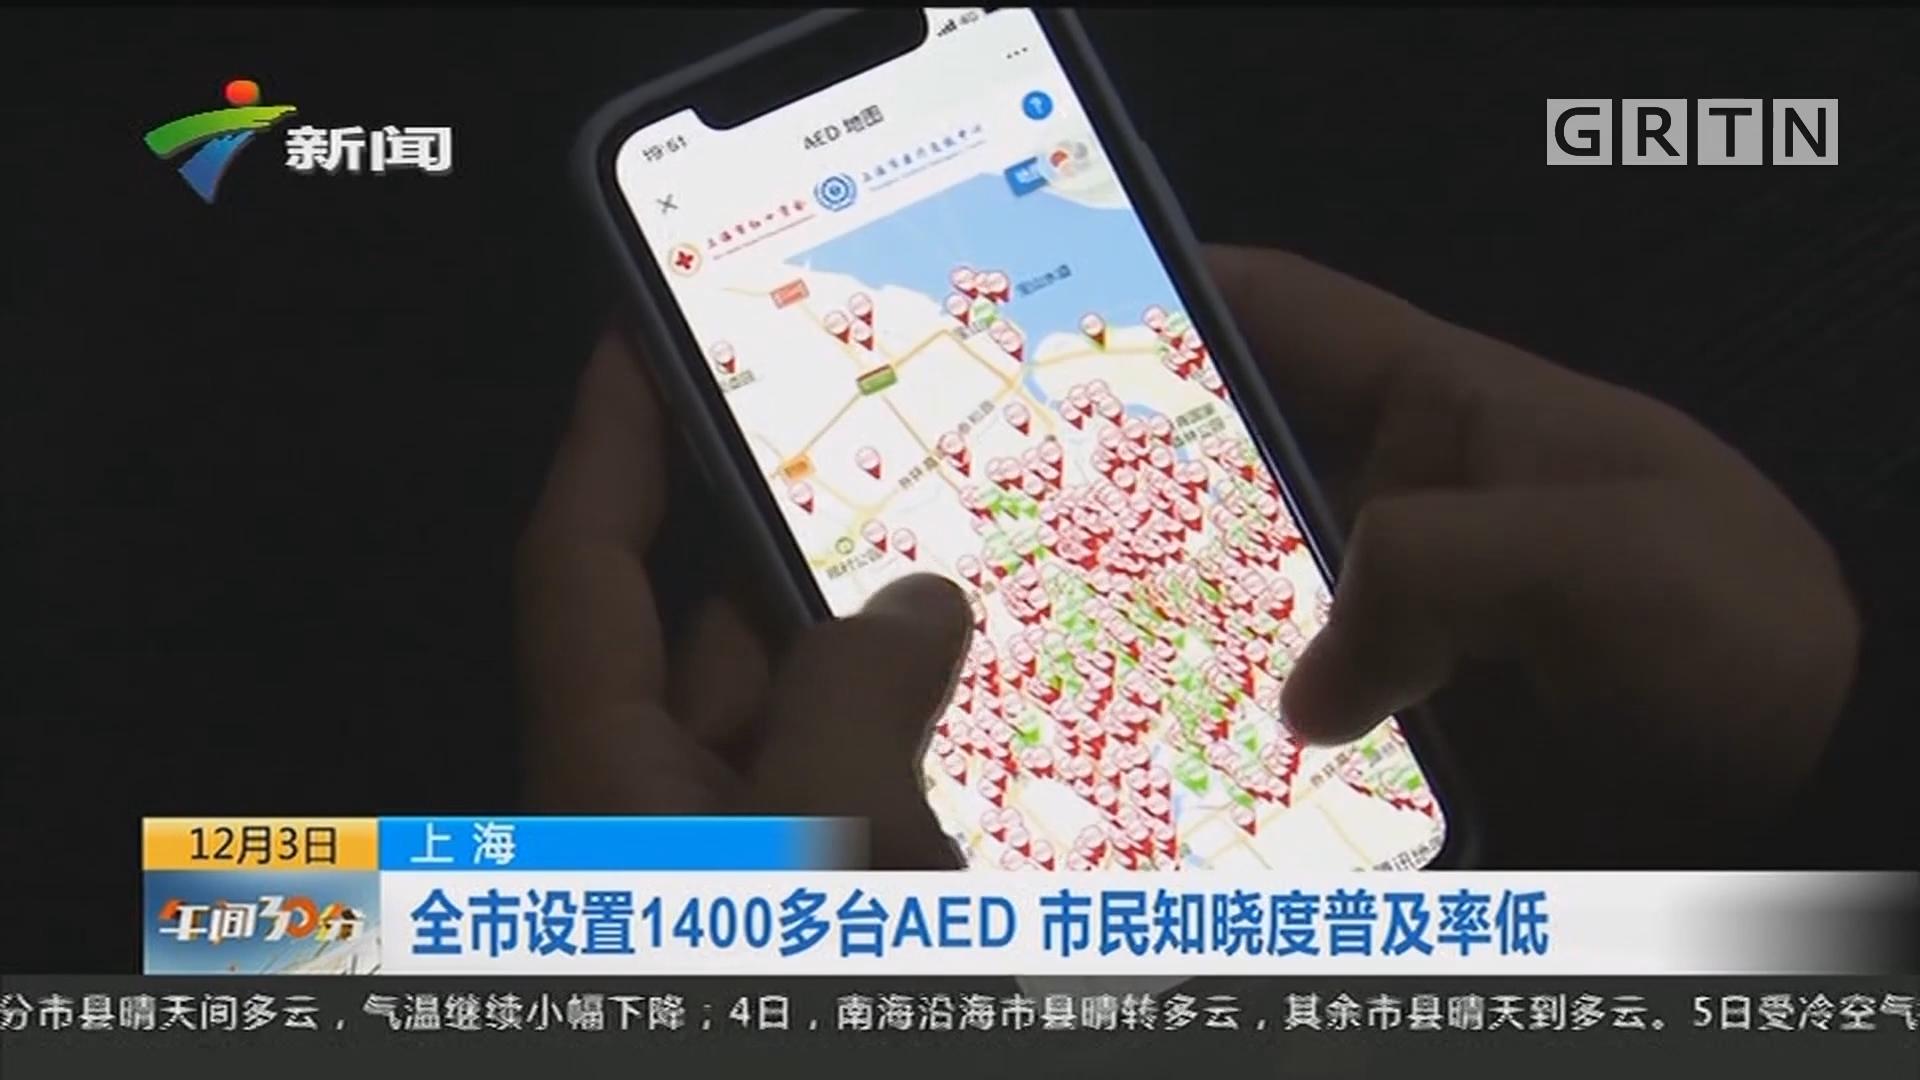 上海:全市设置1400多台AED 市民知晓度普及率低